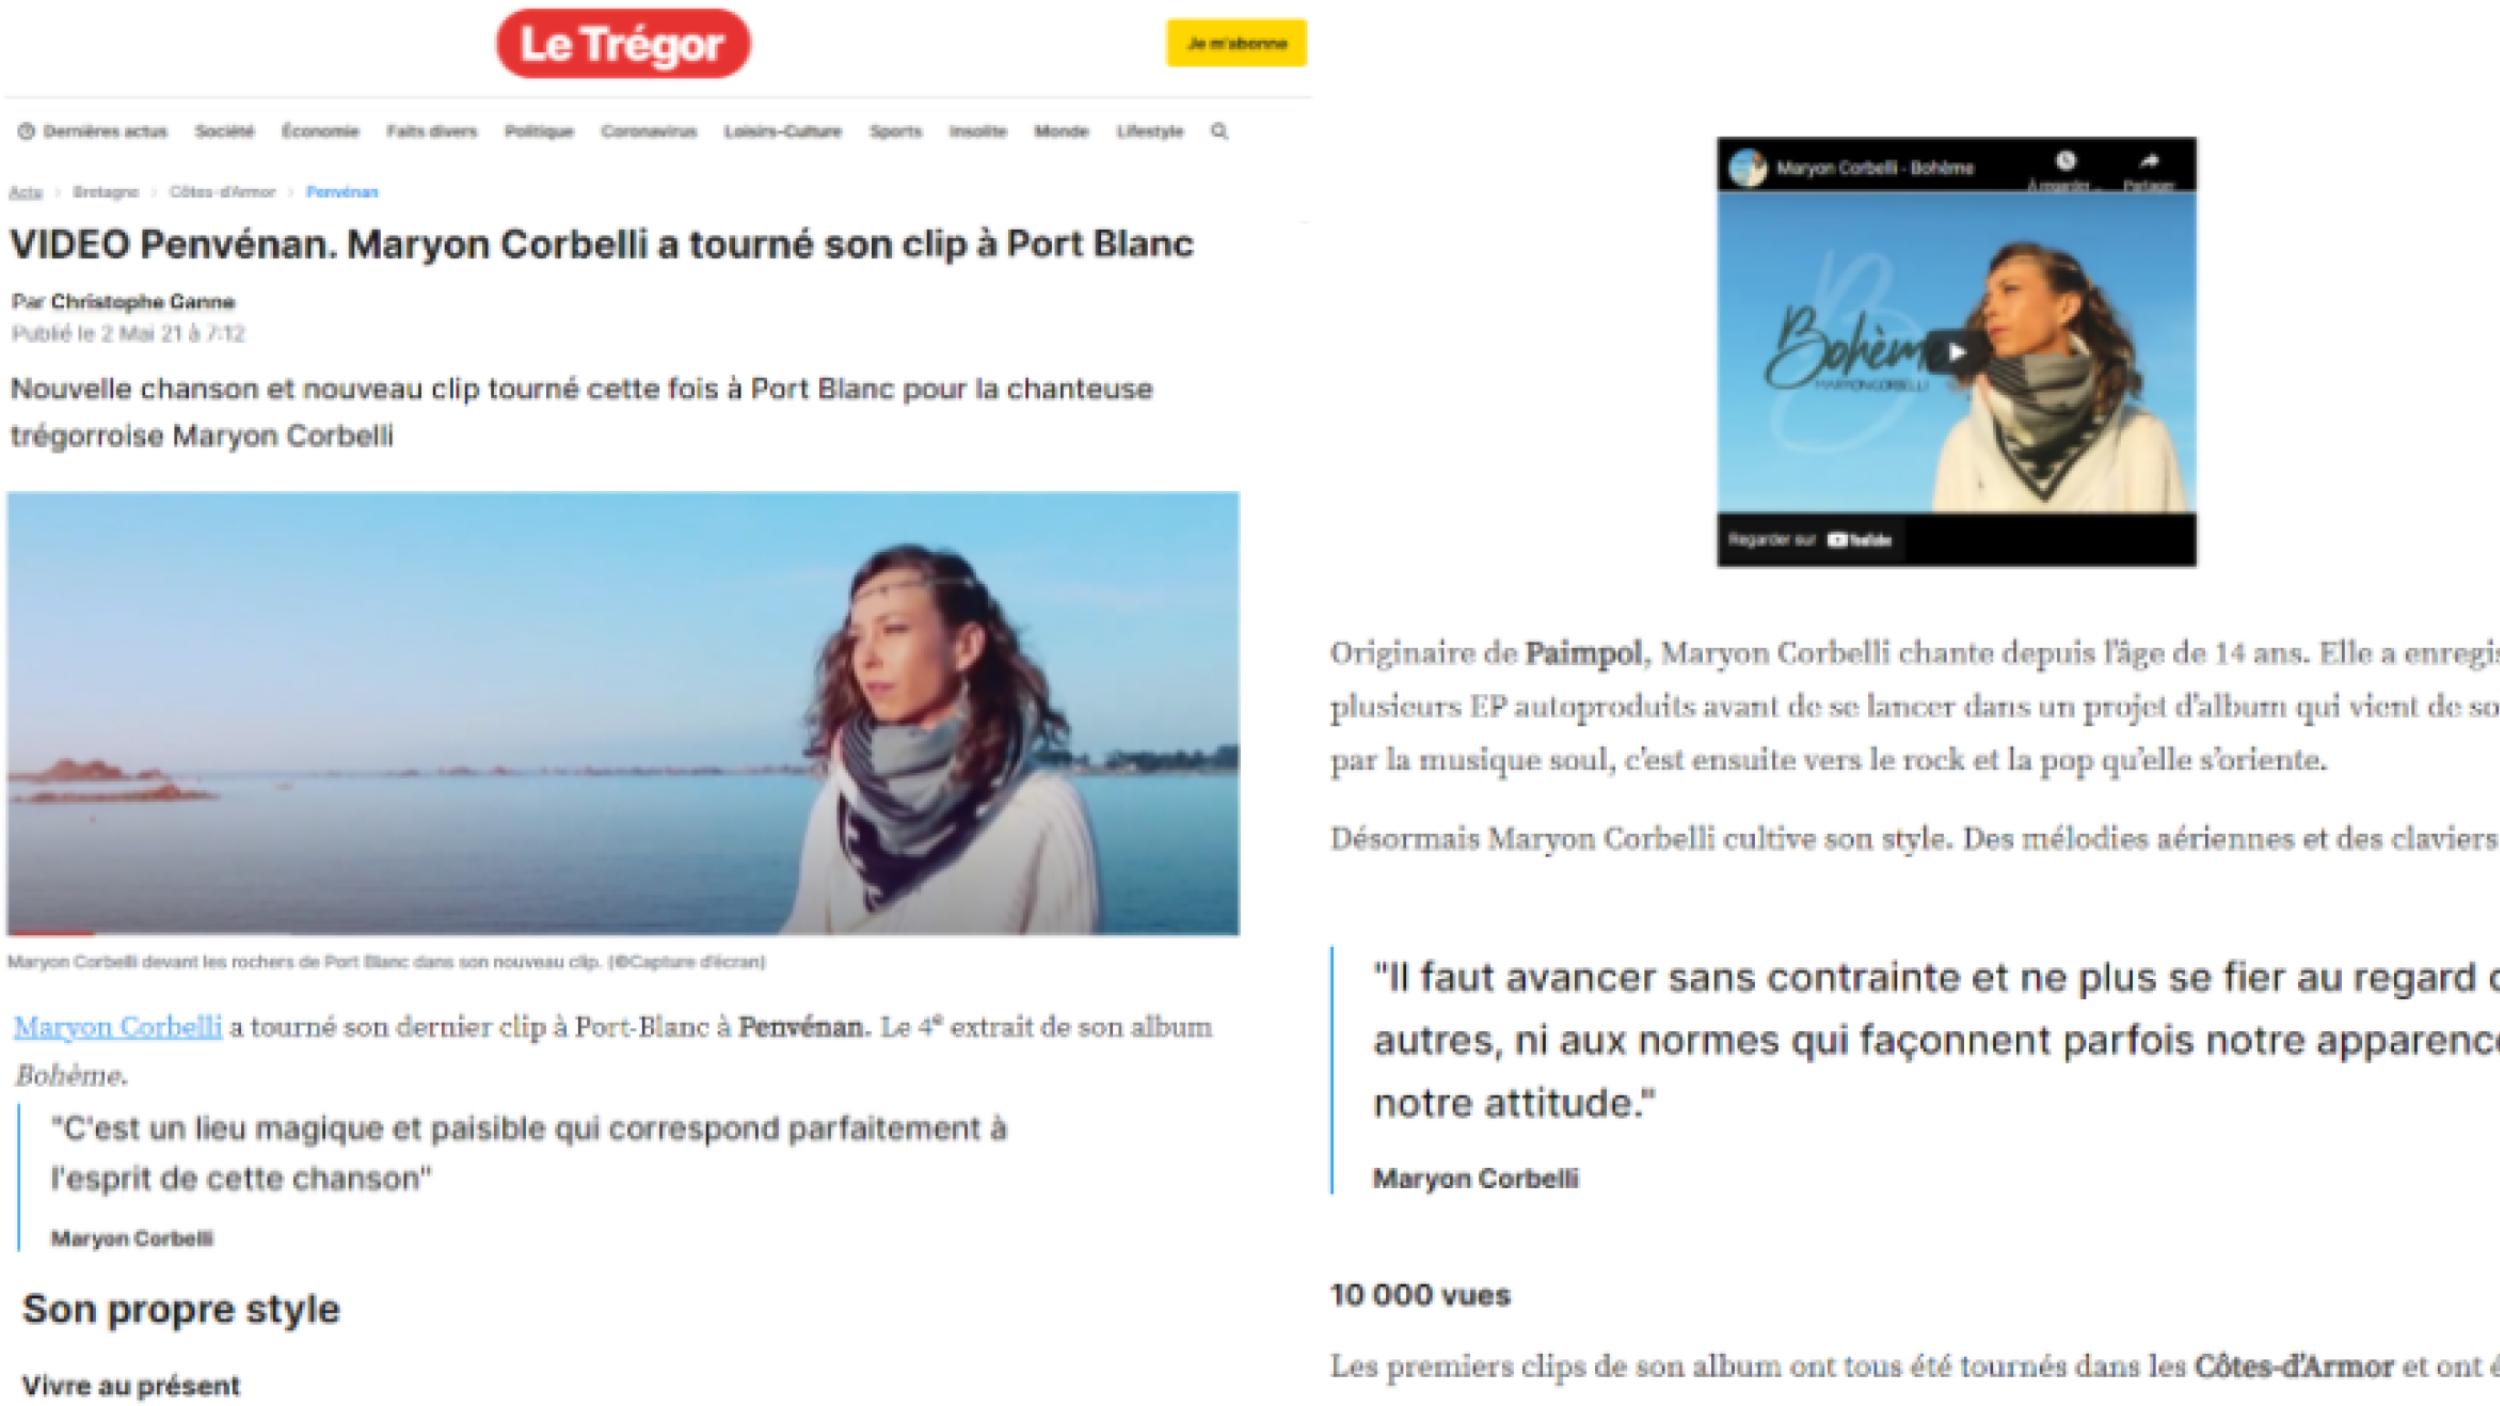 Maryon Corbelli - Album Bohème - Article Journal Le Trégor